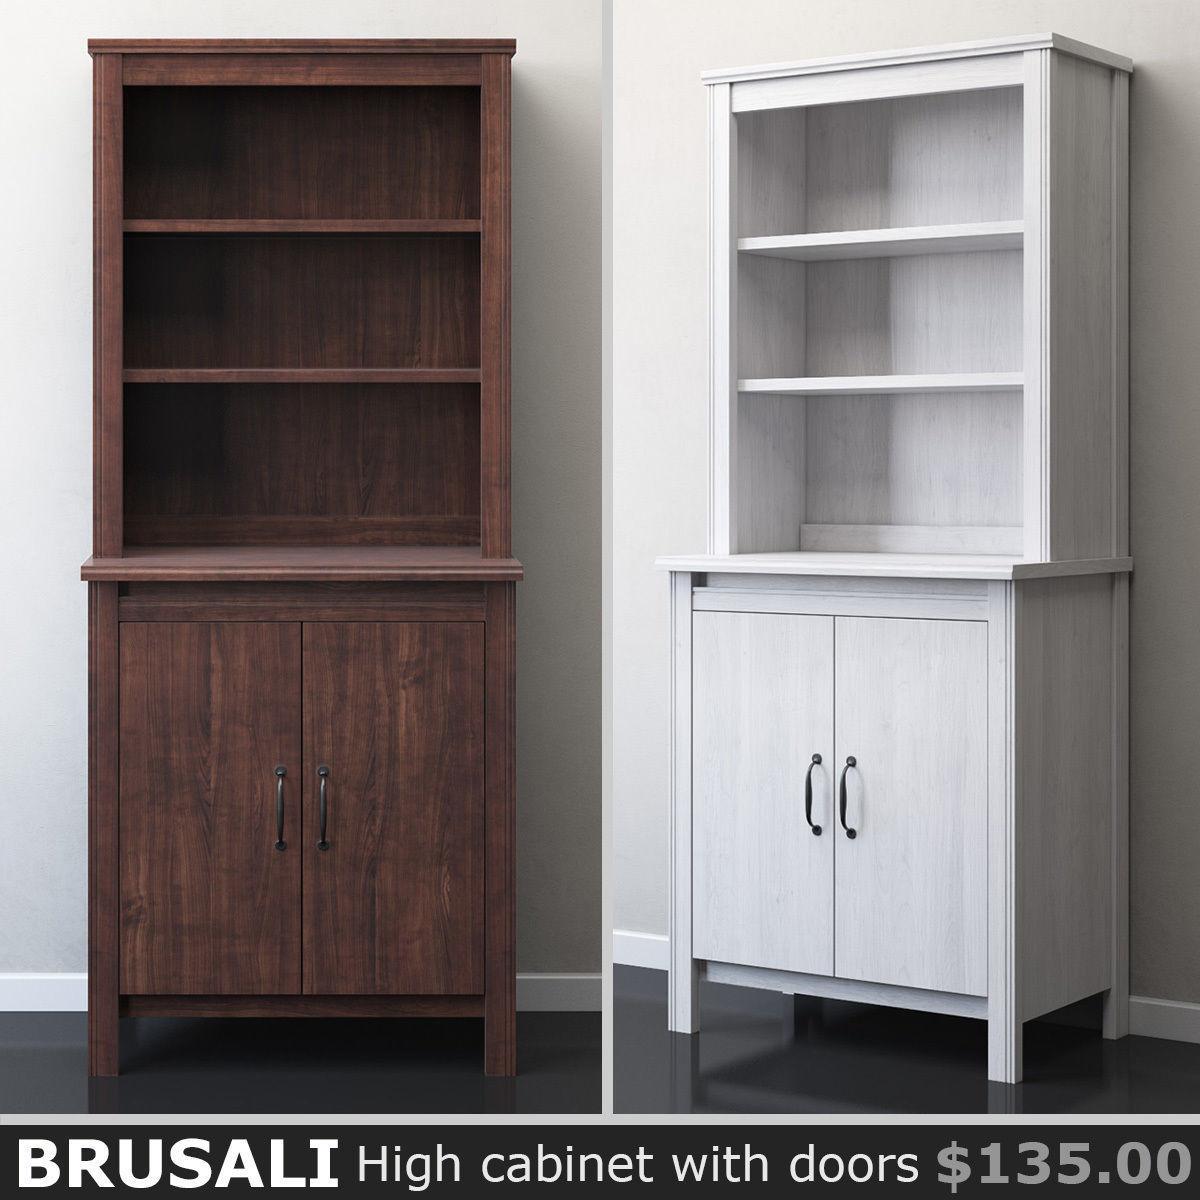 Ikea Brusali Nachttisch : 3d ikea brusali high cabinet with doors cgtrader ~ Watch28wear.com Haus und Dekorationen